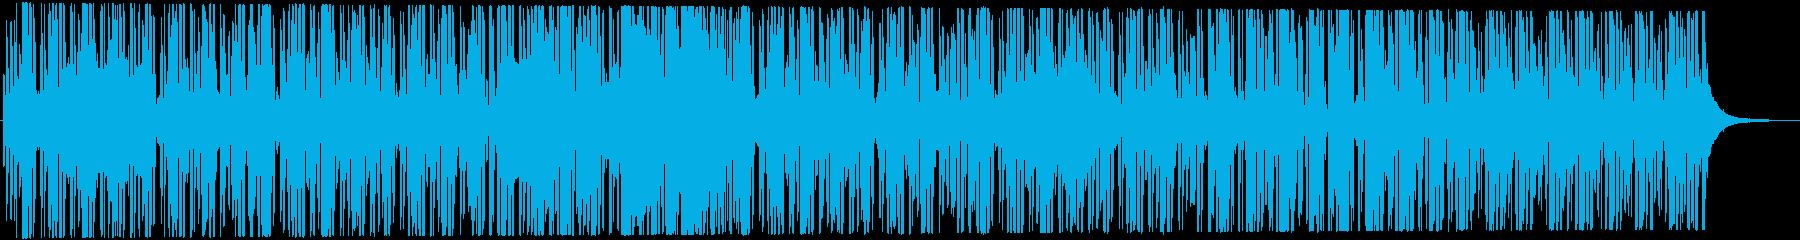 スカさんの再生済みの波形